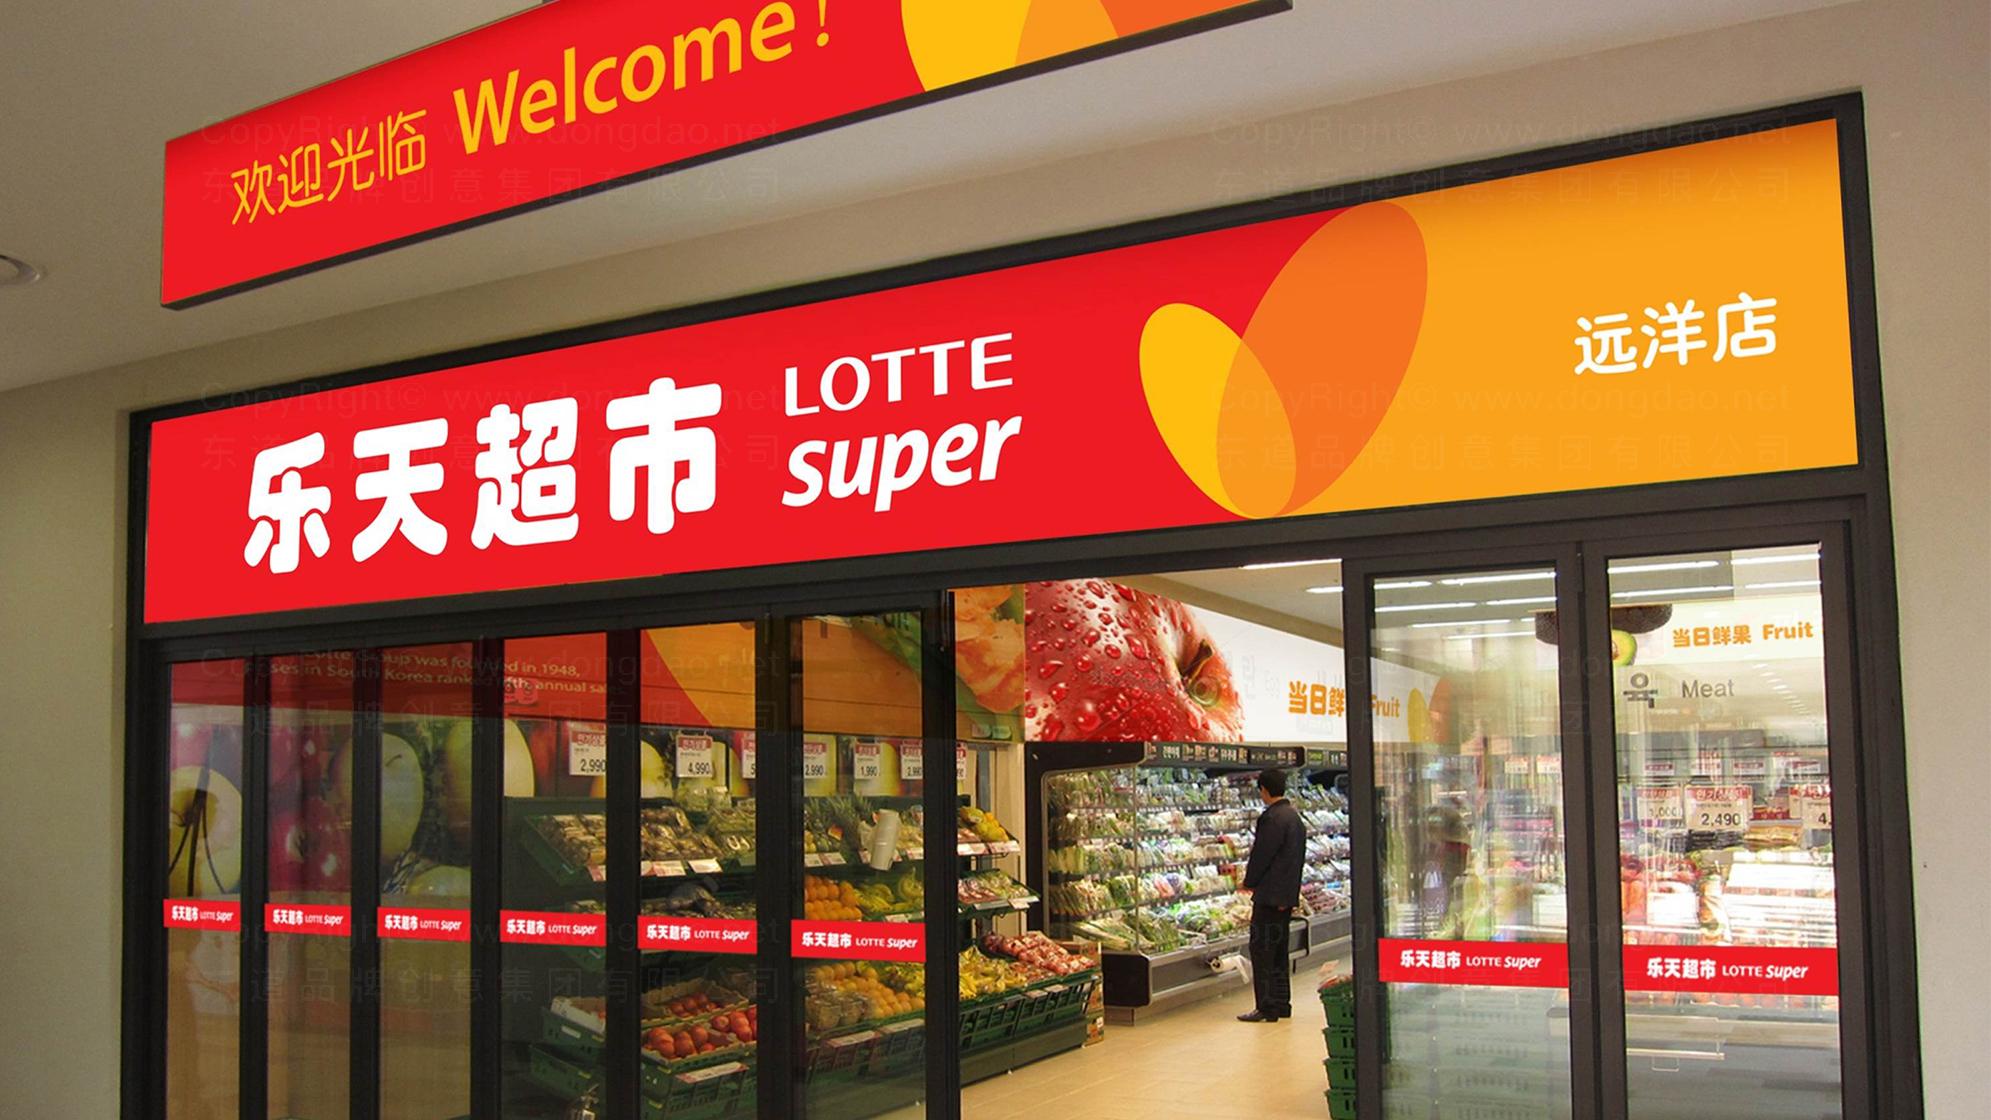 品牌设计乐天超市LOGO&VI设计应用场景_5